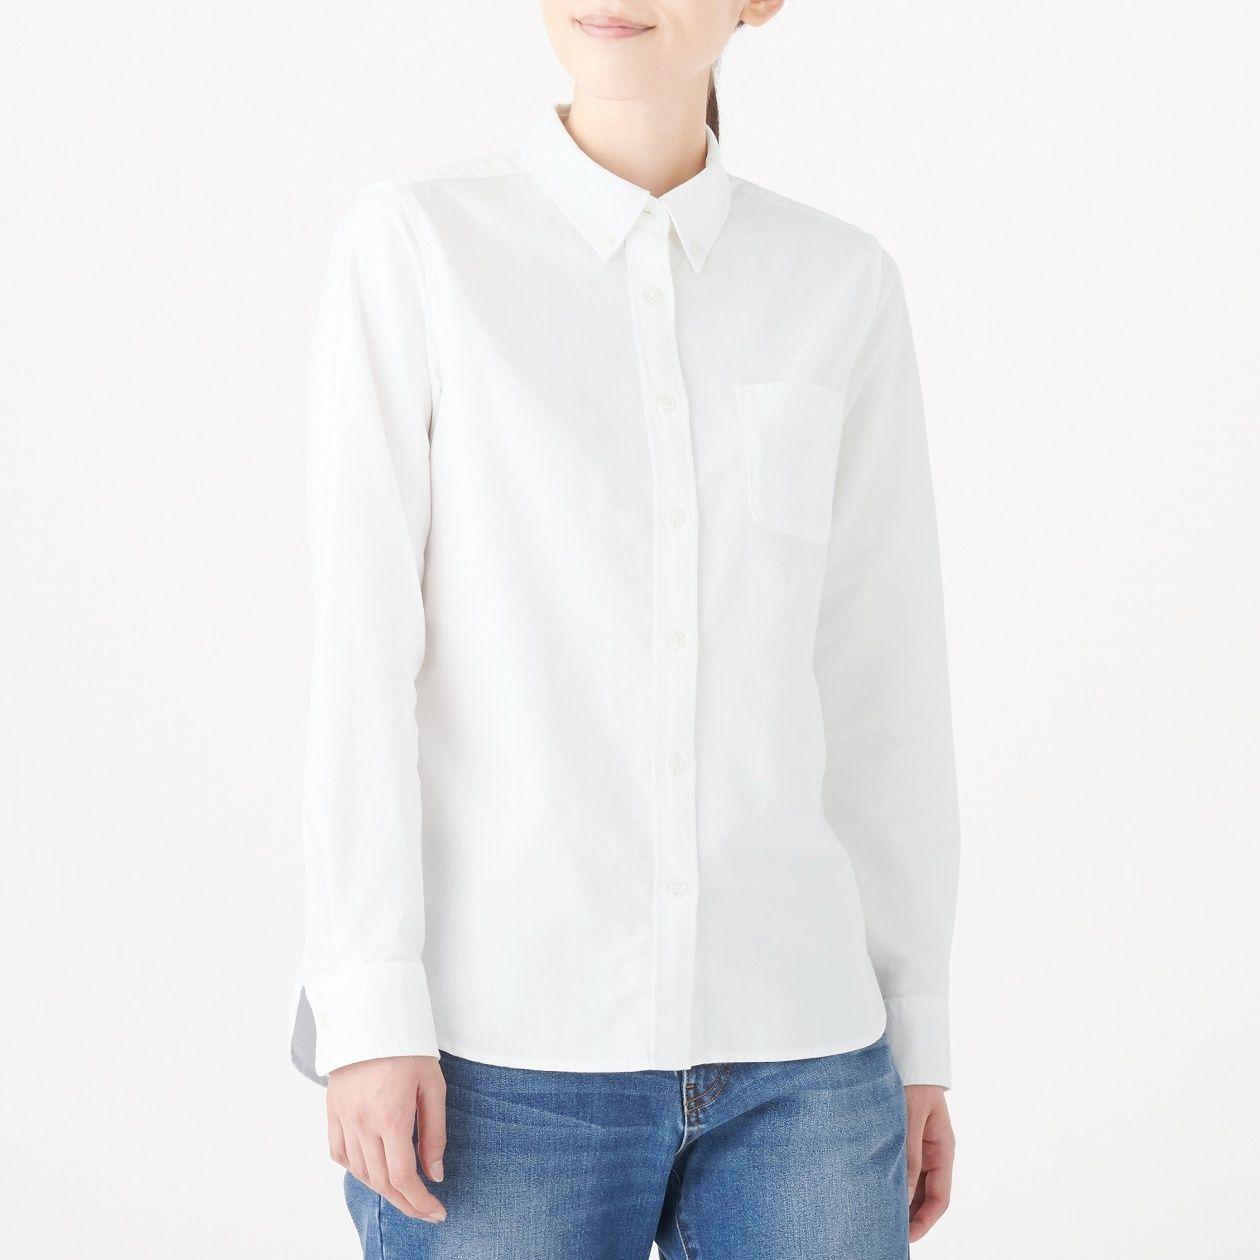 [무인양품] 면 100% 워싱 옥스 버튼 다운 셔츠 여성XXL・흰색 MUJI 일본 공식스토어